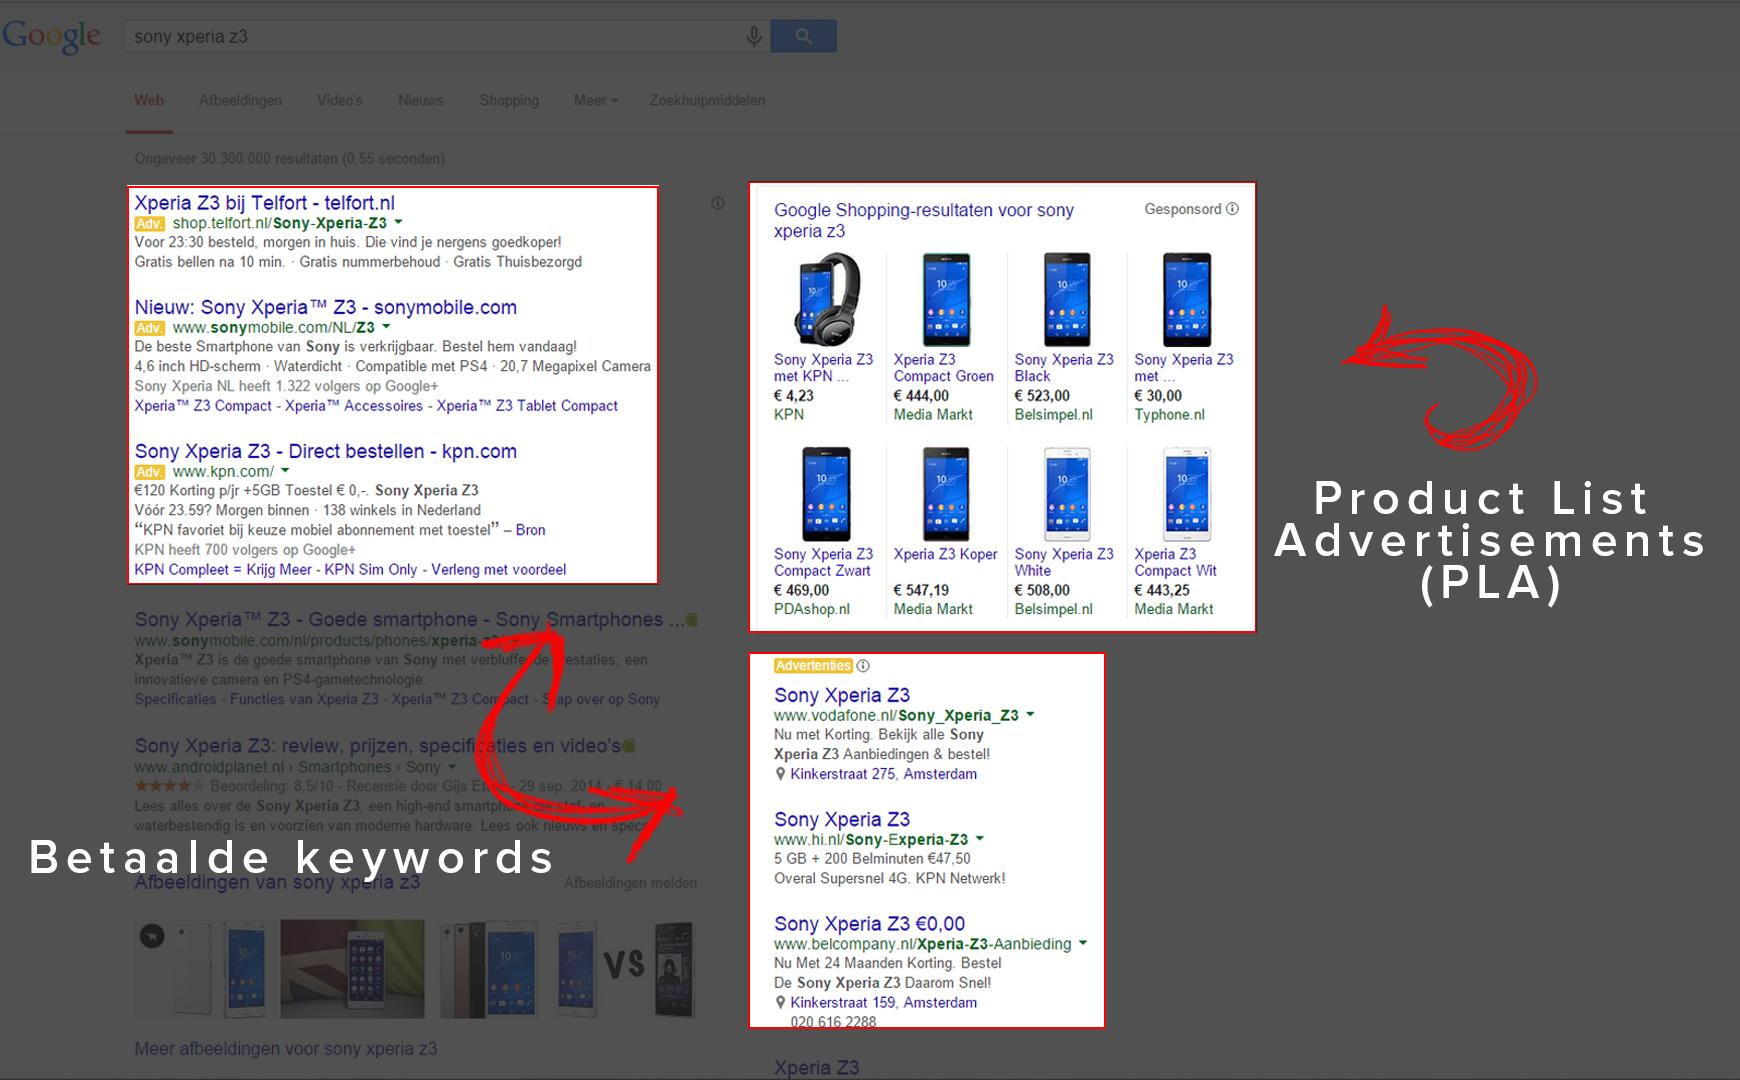 google shopping verschil